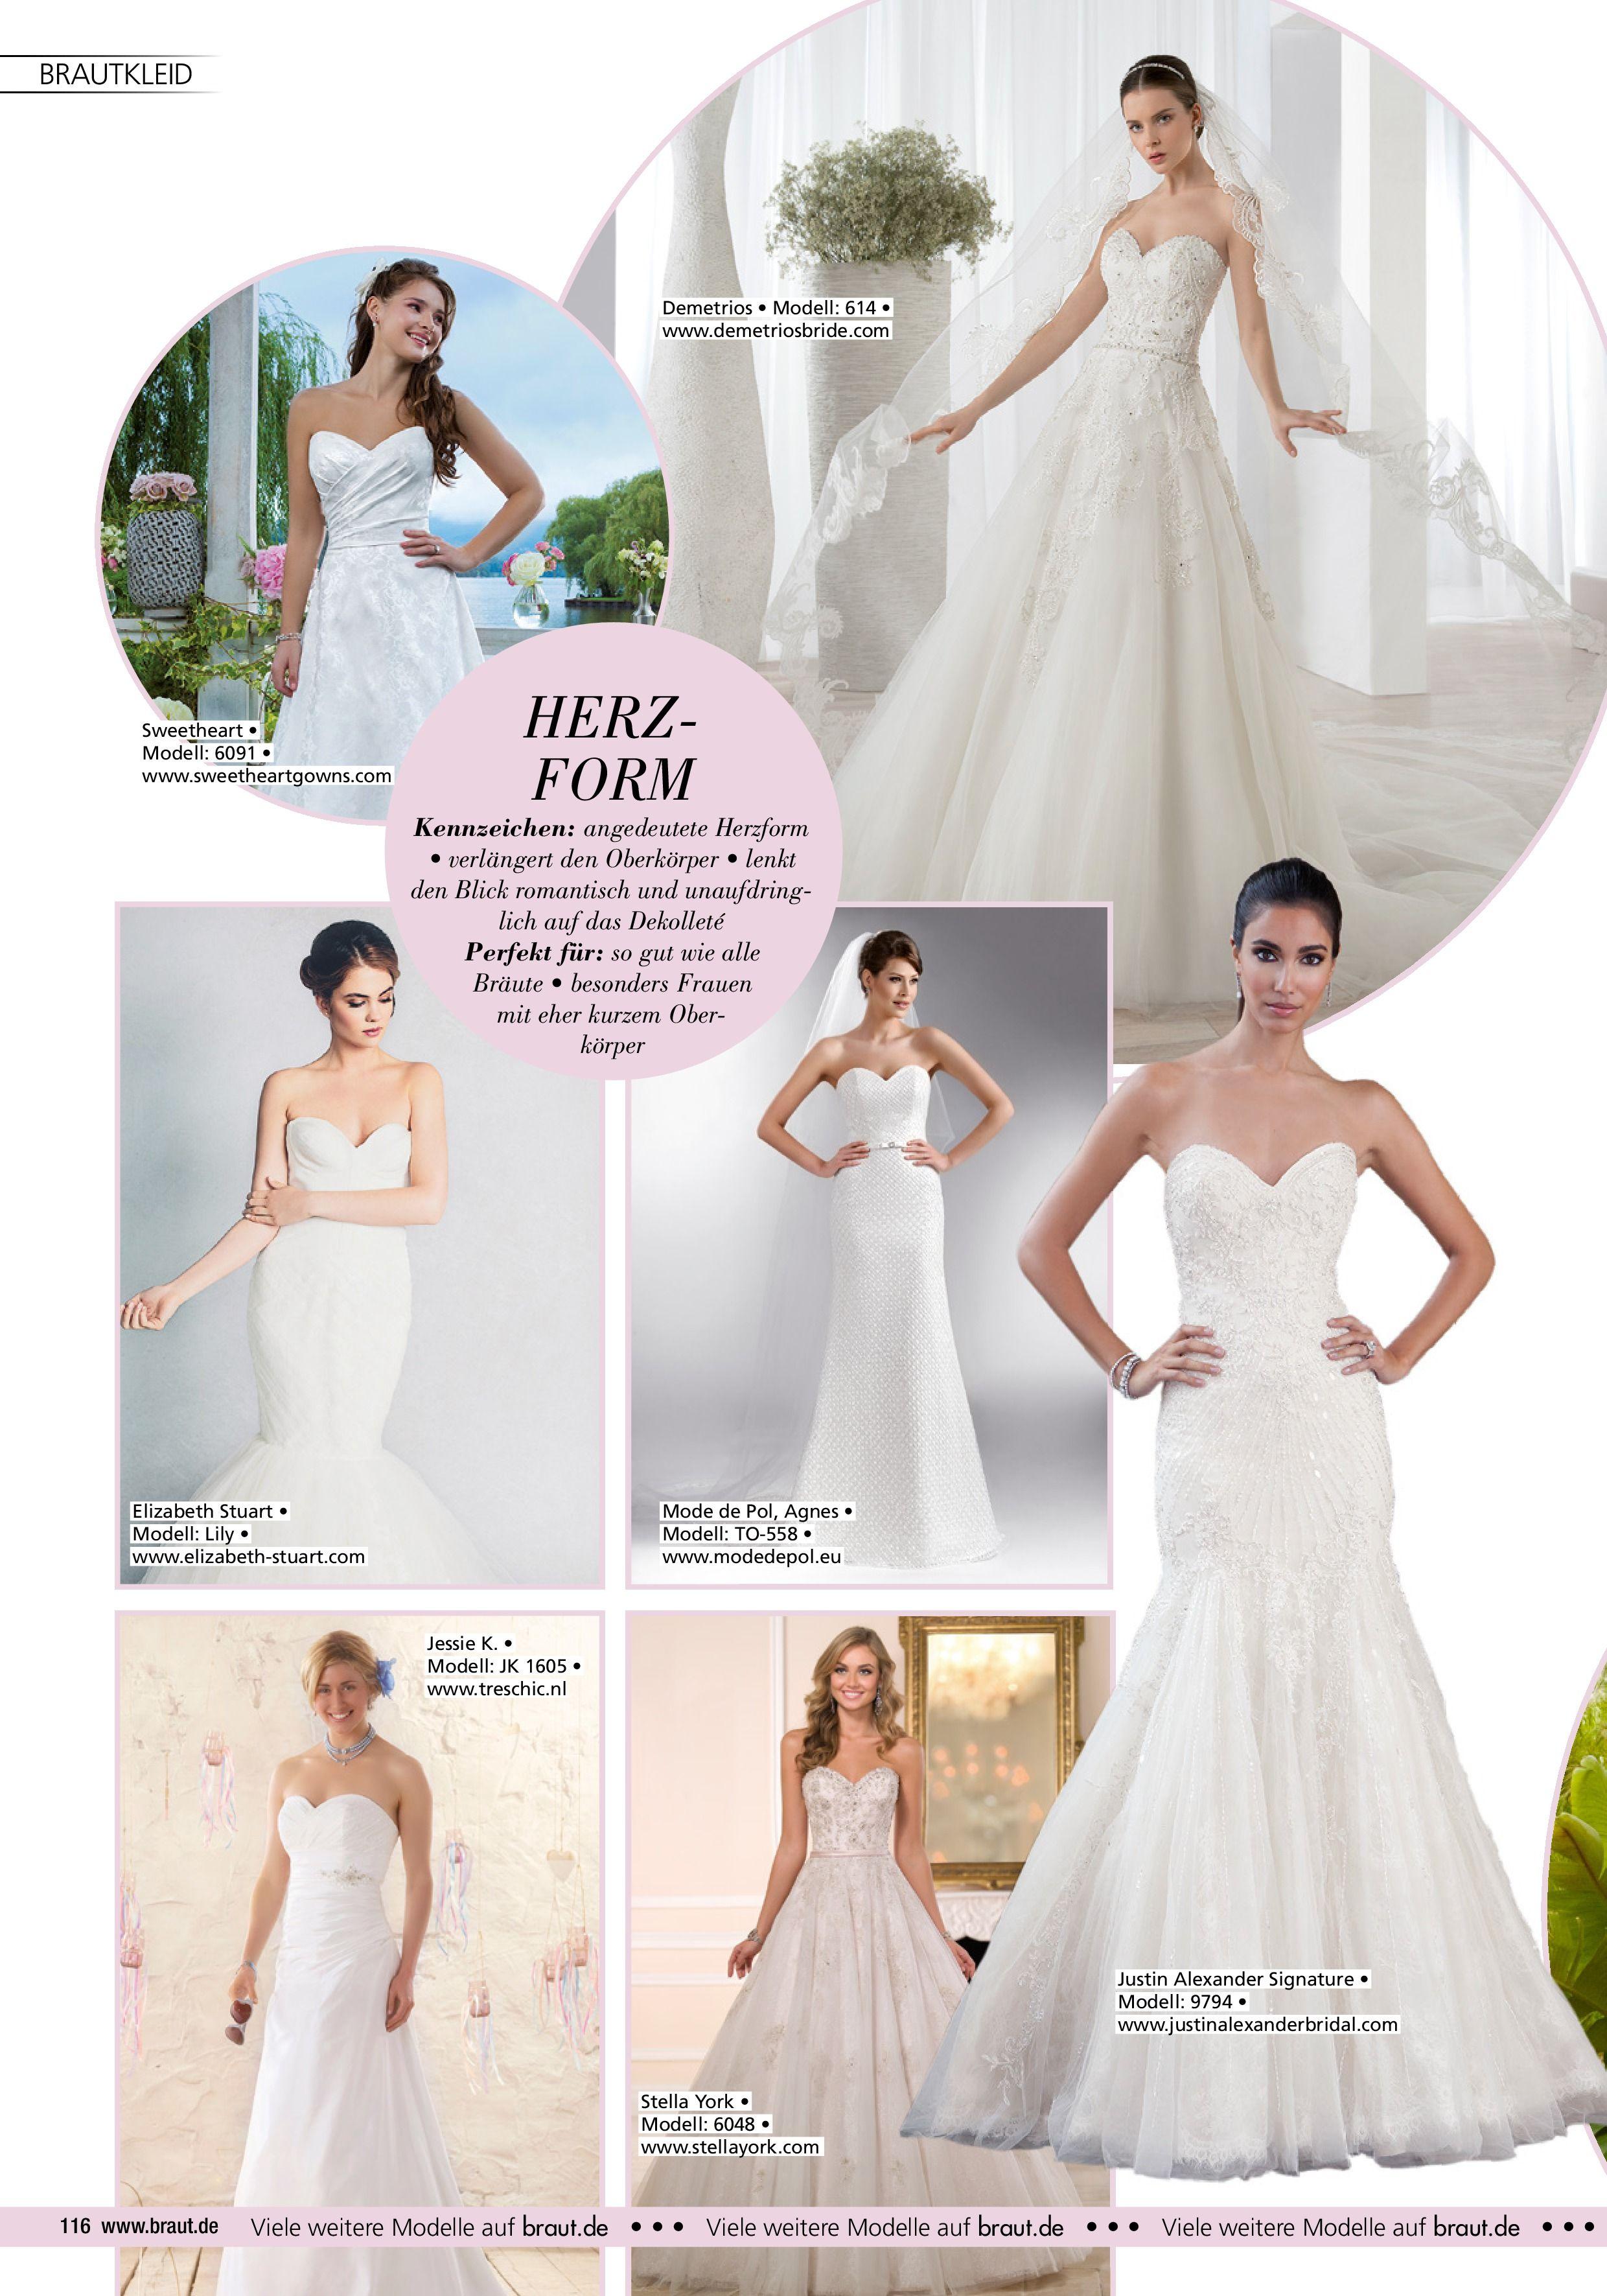 Magazin Mein Brautkleid - Brautkleider, festliche Kostüme, Roben ...